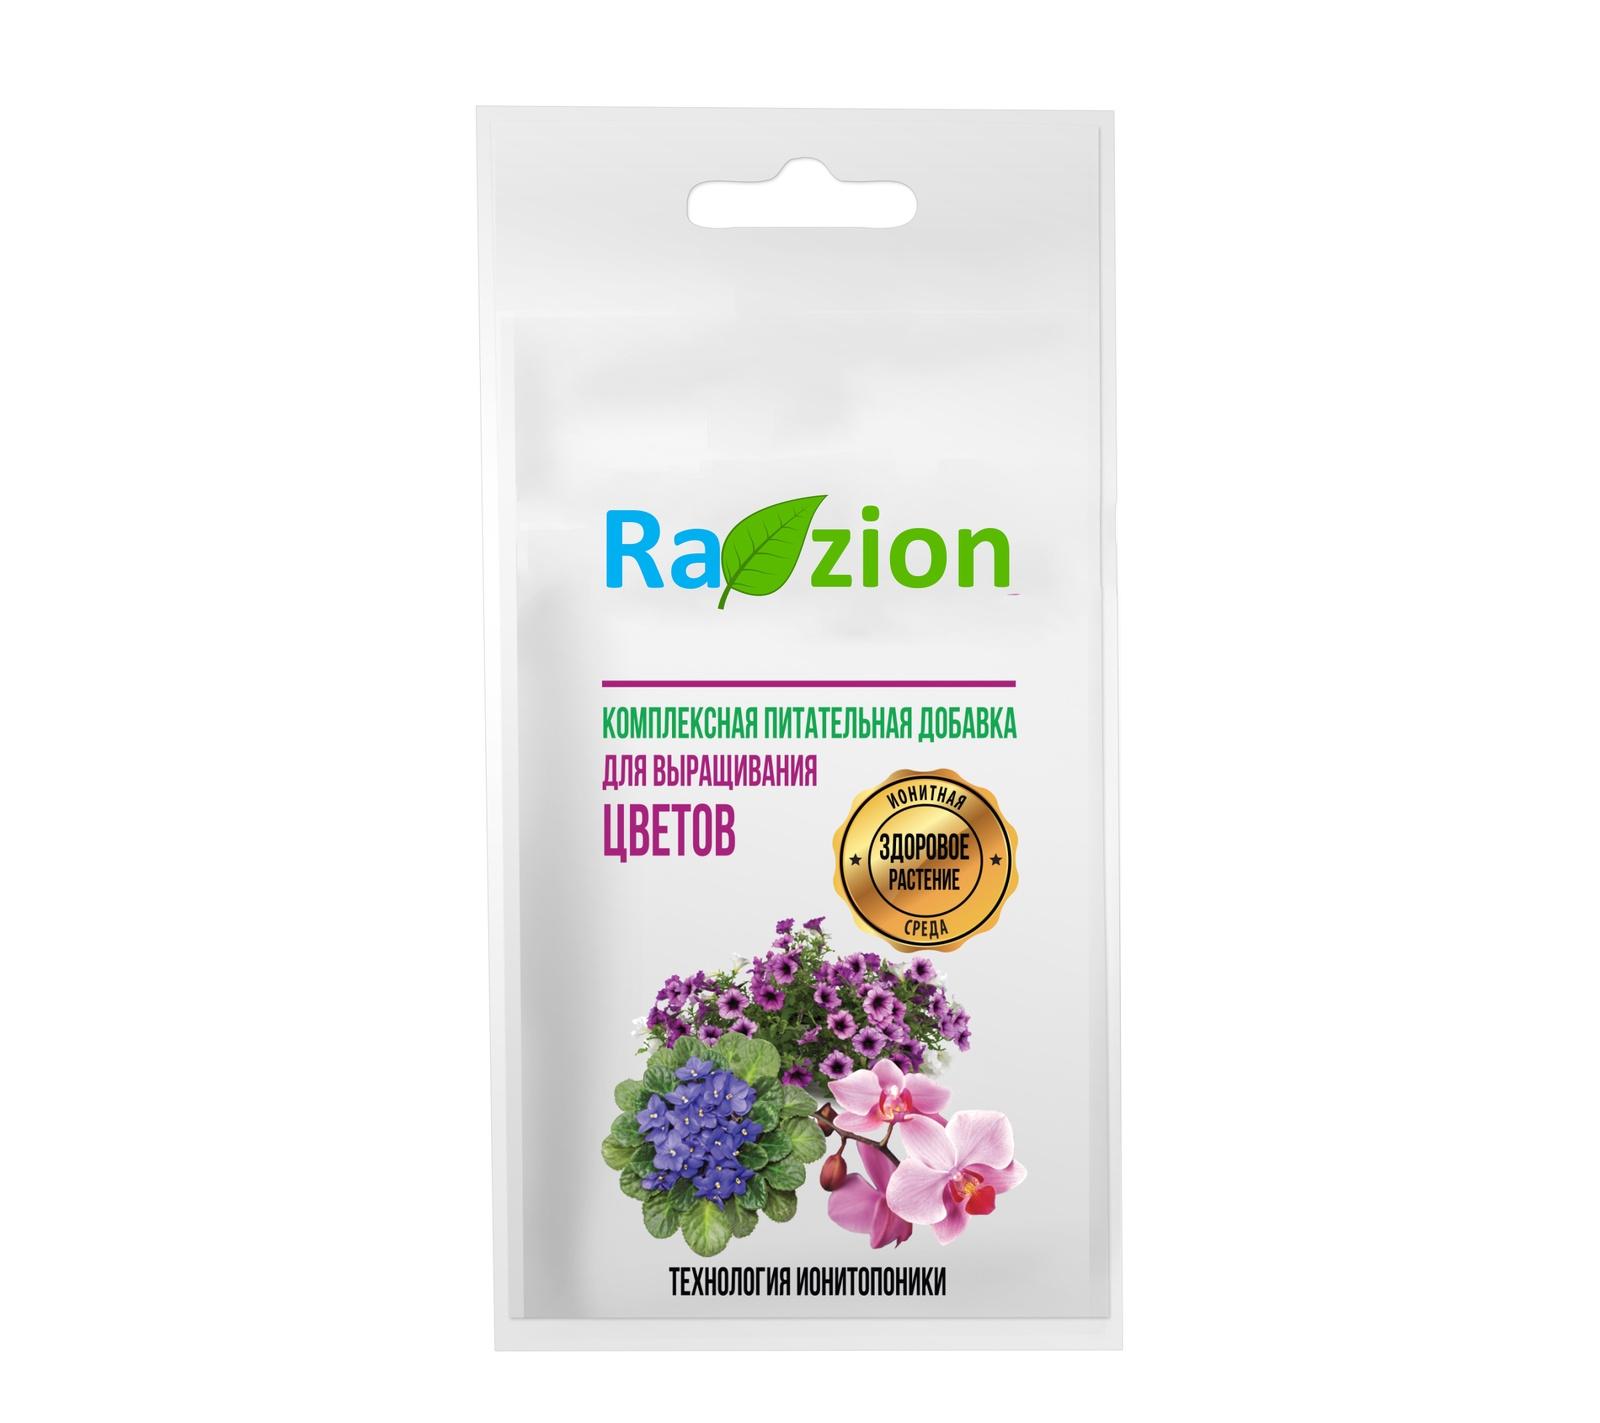 Удобрение RAZION для цветов. Комнатных, домашних, для дачи. Улучшитель грунта